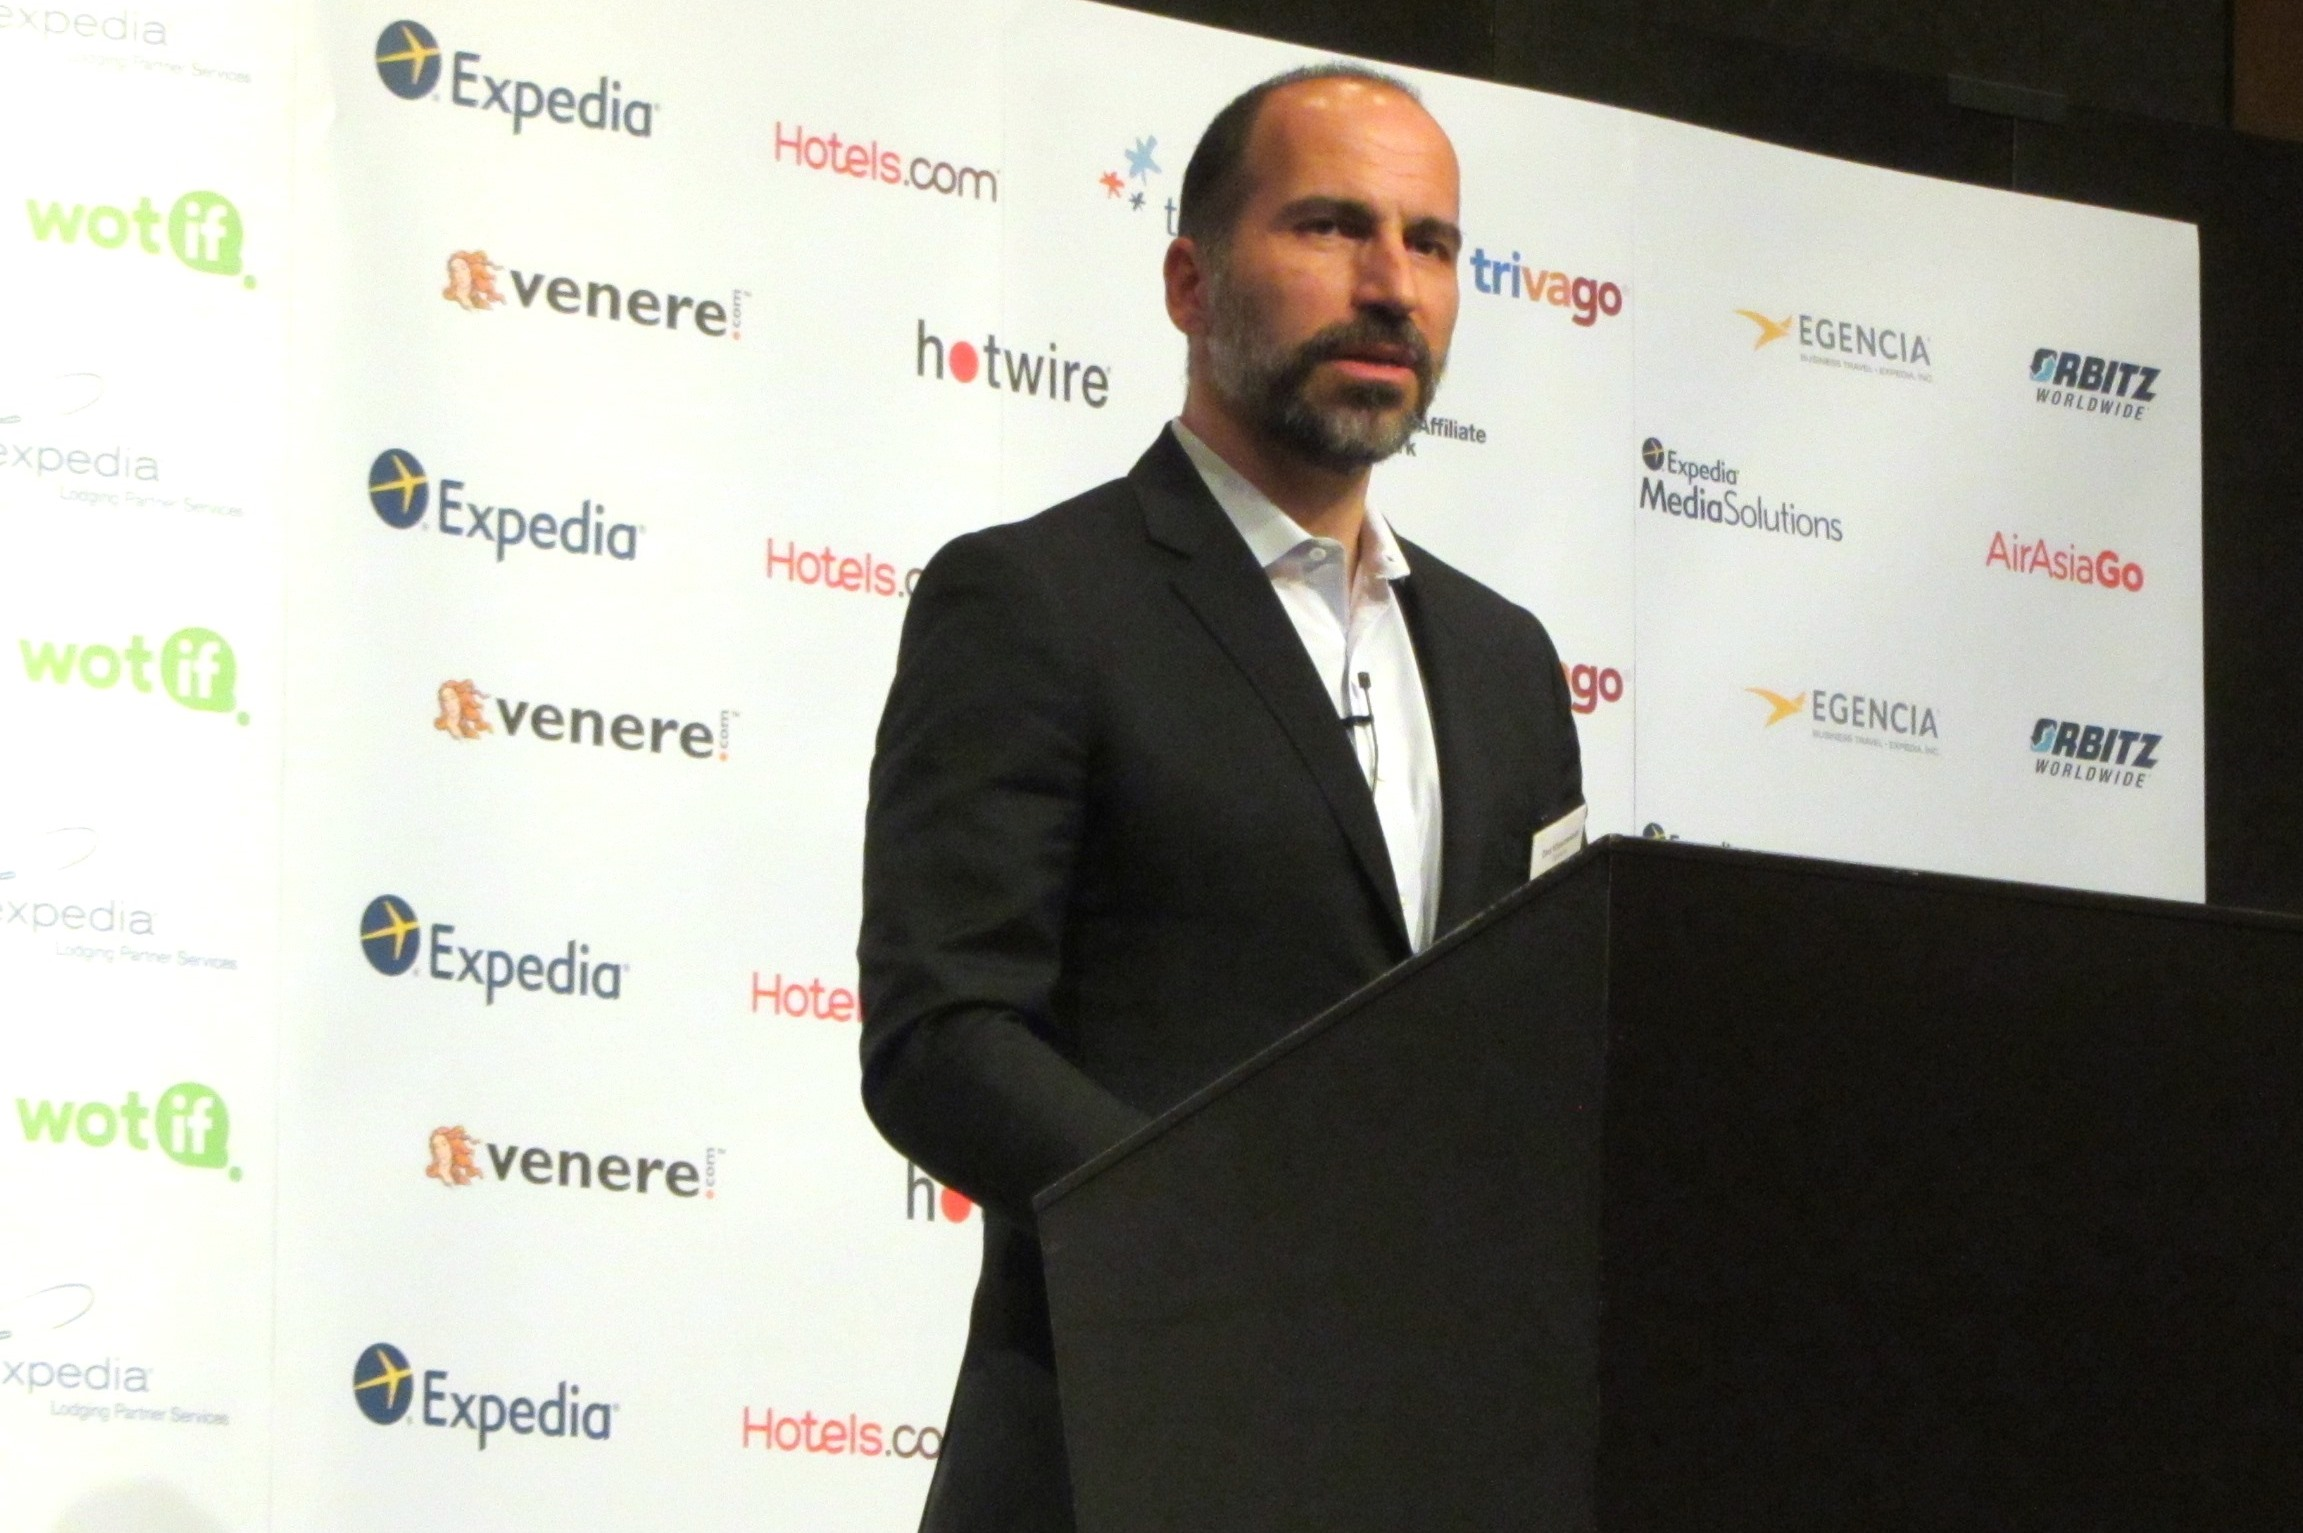 エクスペディア本社が日本を「最優先市場」に選定、CEO来日で語った旅行者送客のキーポイント